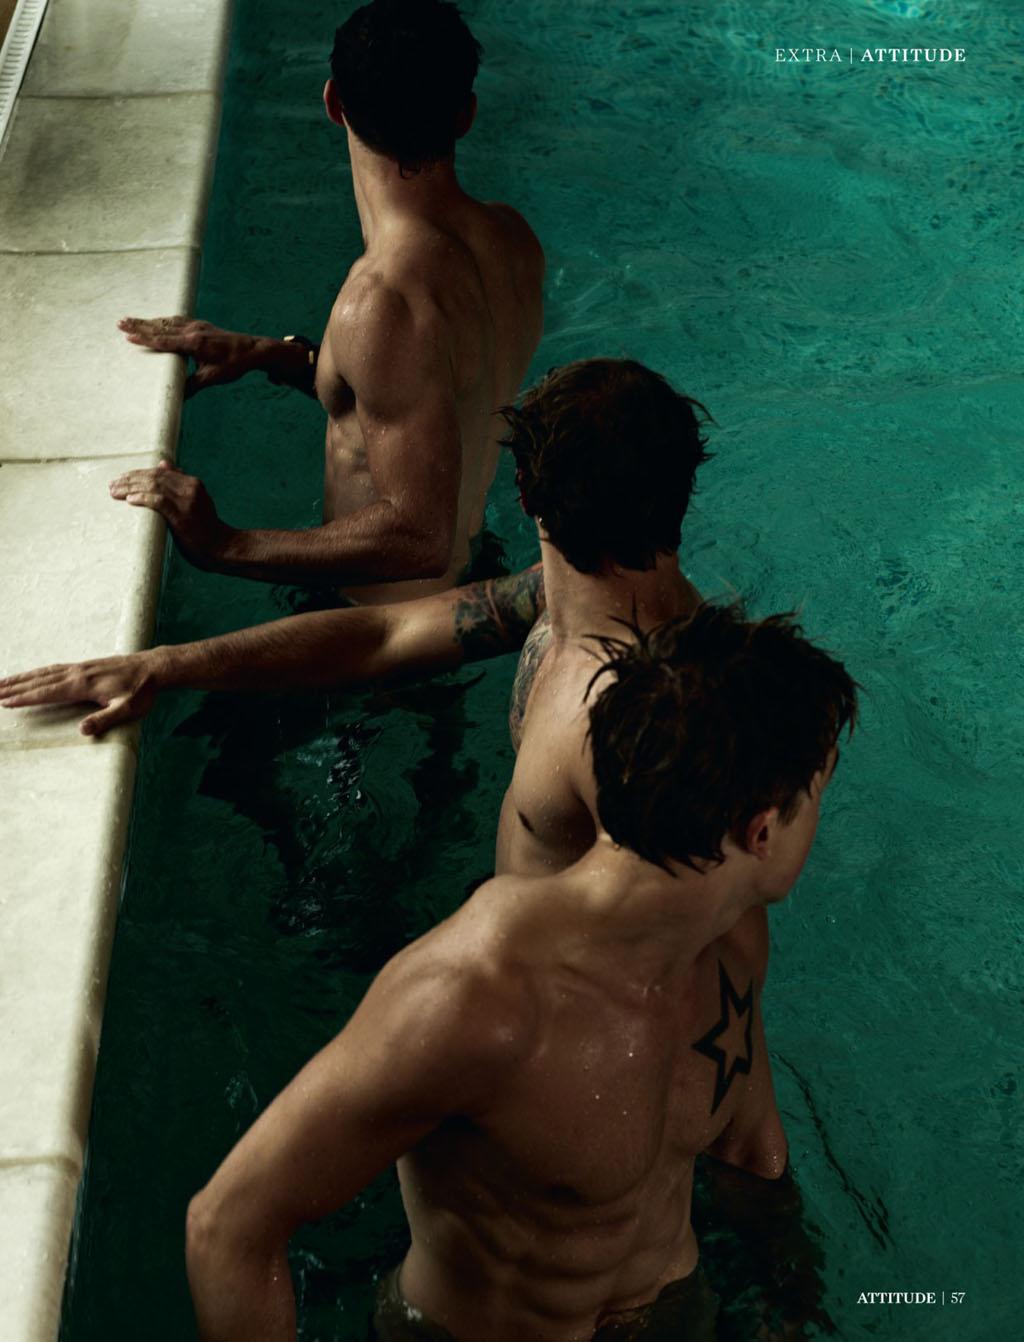 Dougie poynter fake nude